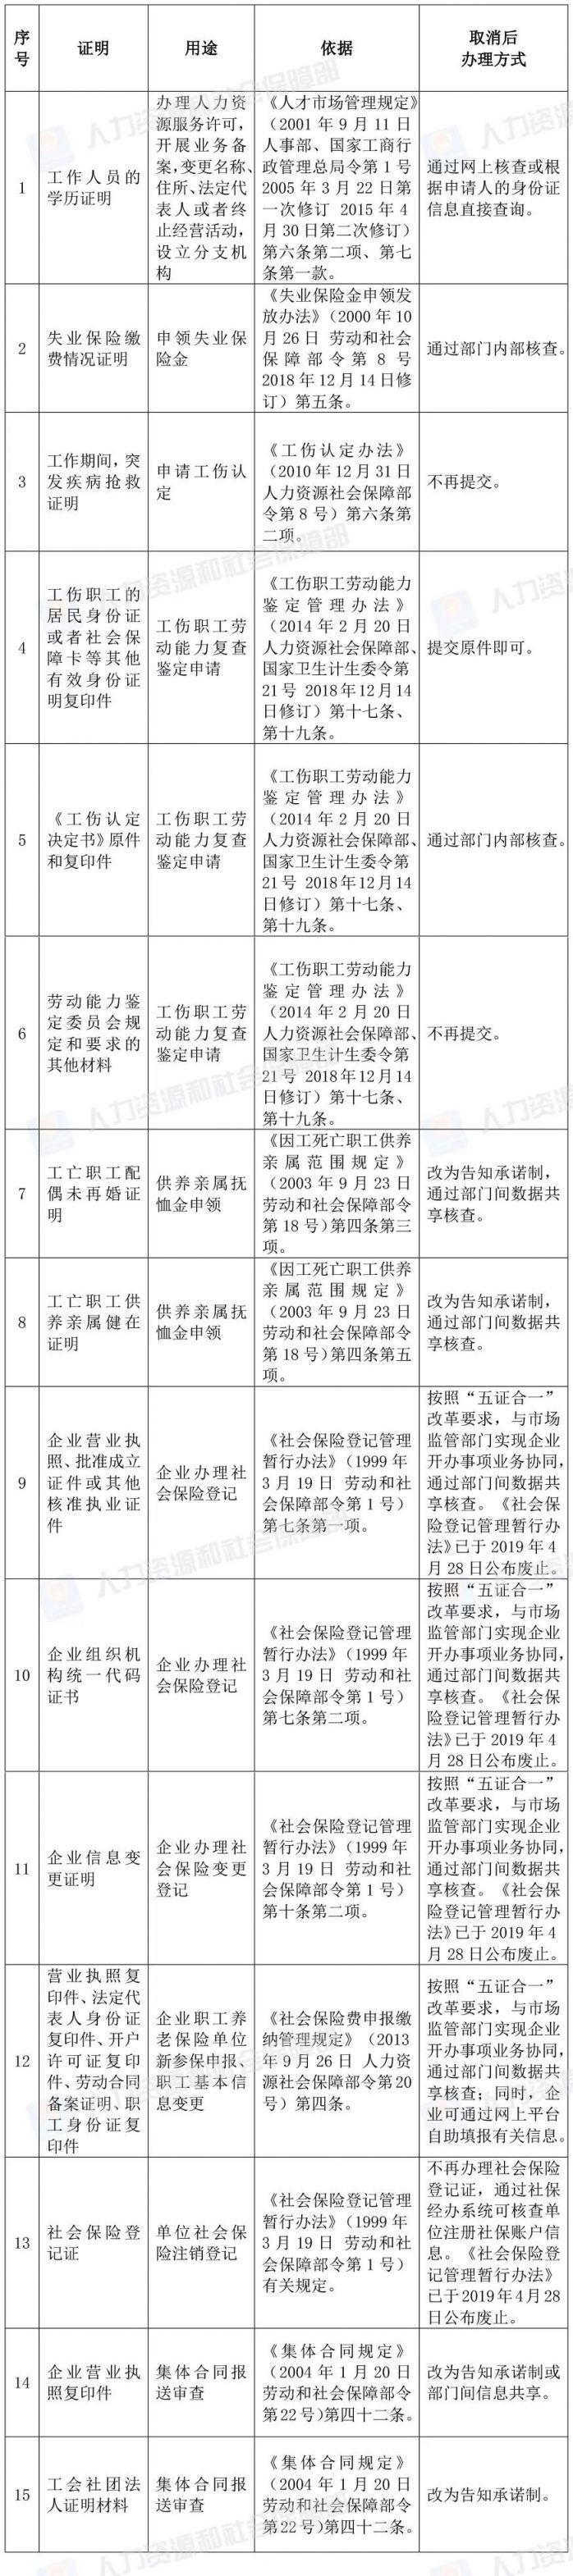 2019人力资源社会保障部部门规章证明材料取消